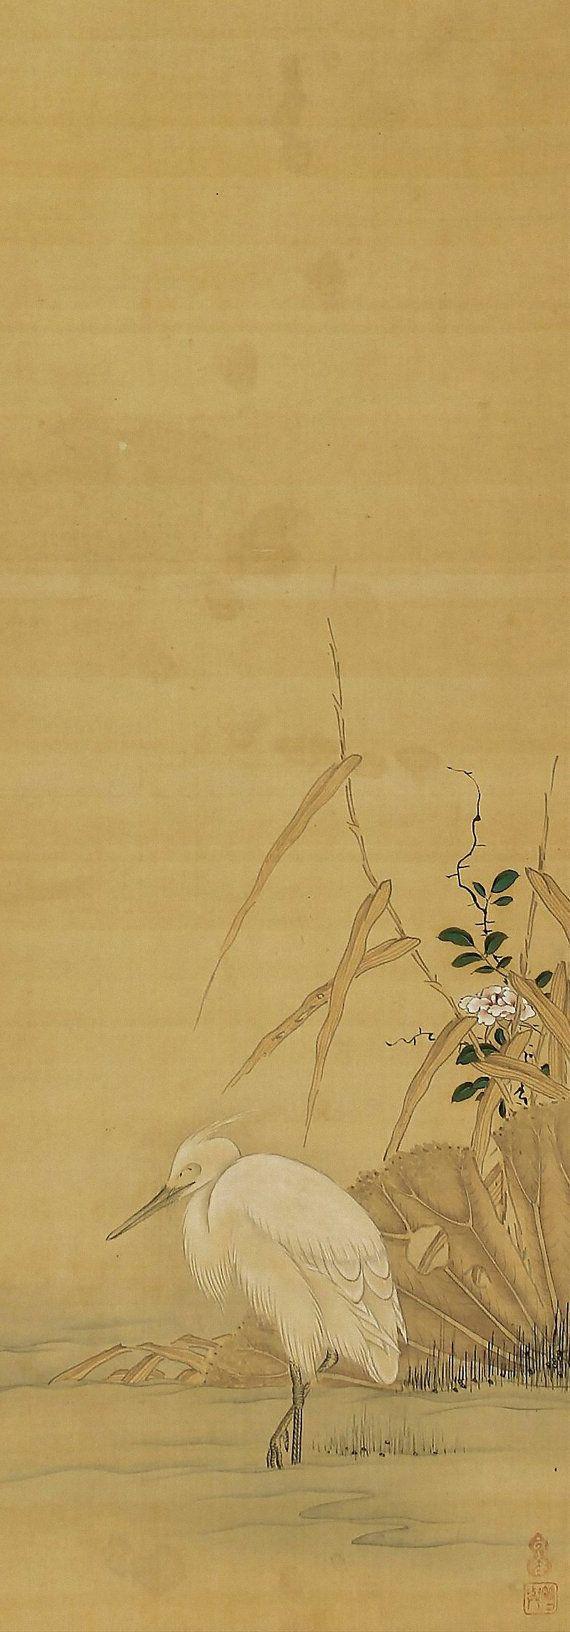 Zen Brush Painting